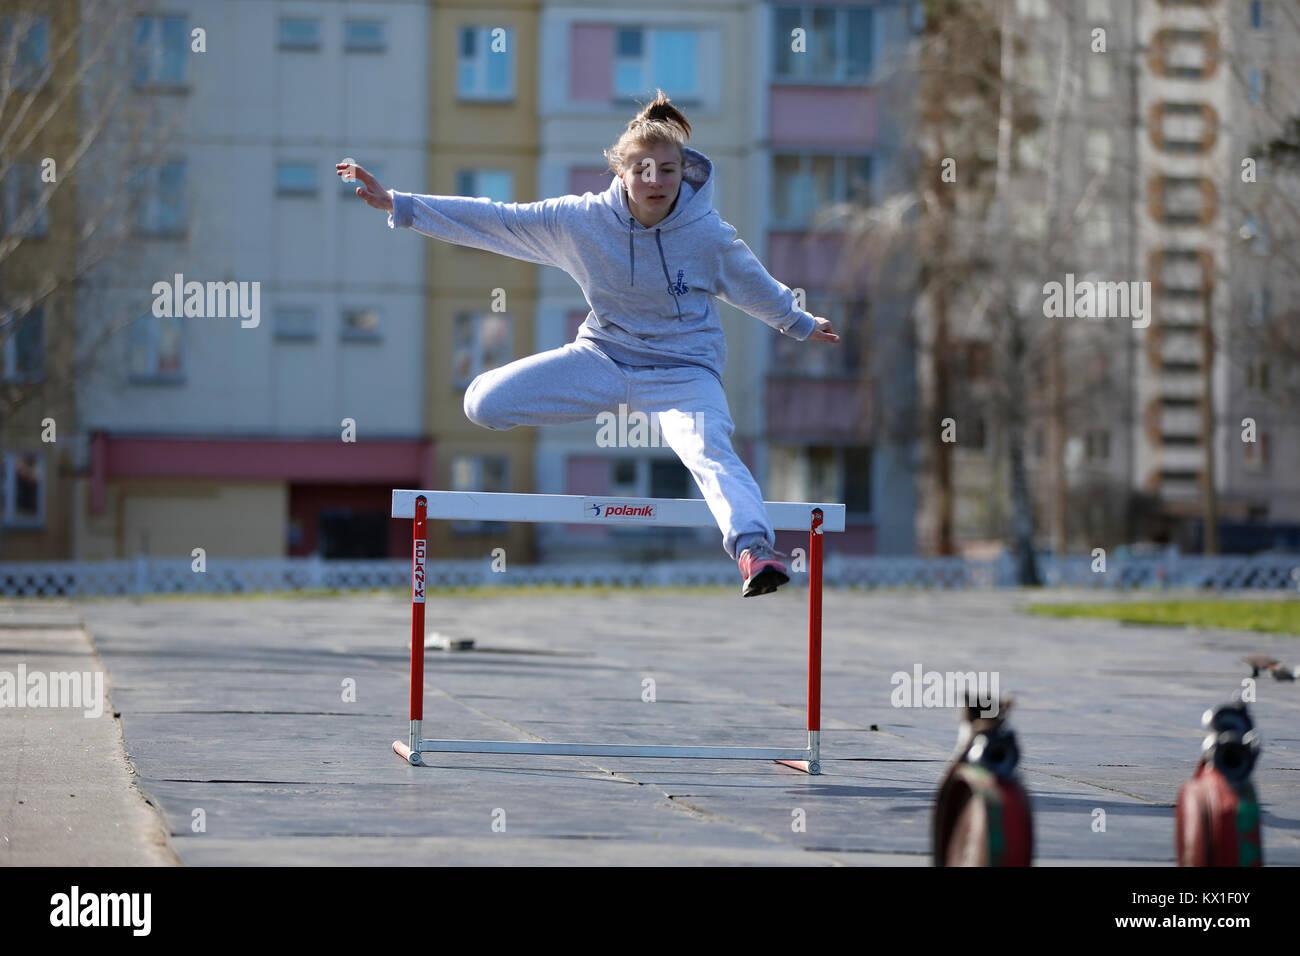 La Bielorussia, Gomel, 21 aprile 2017. Lezione aperta sulla lotta antincendio. L'atleta salta sopra la barriera.educazione Immagini Stock